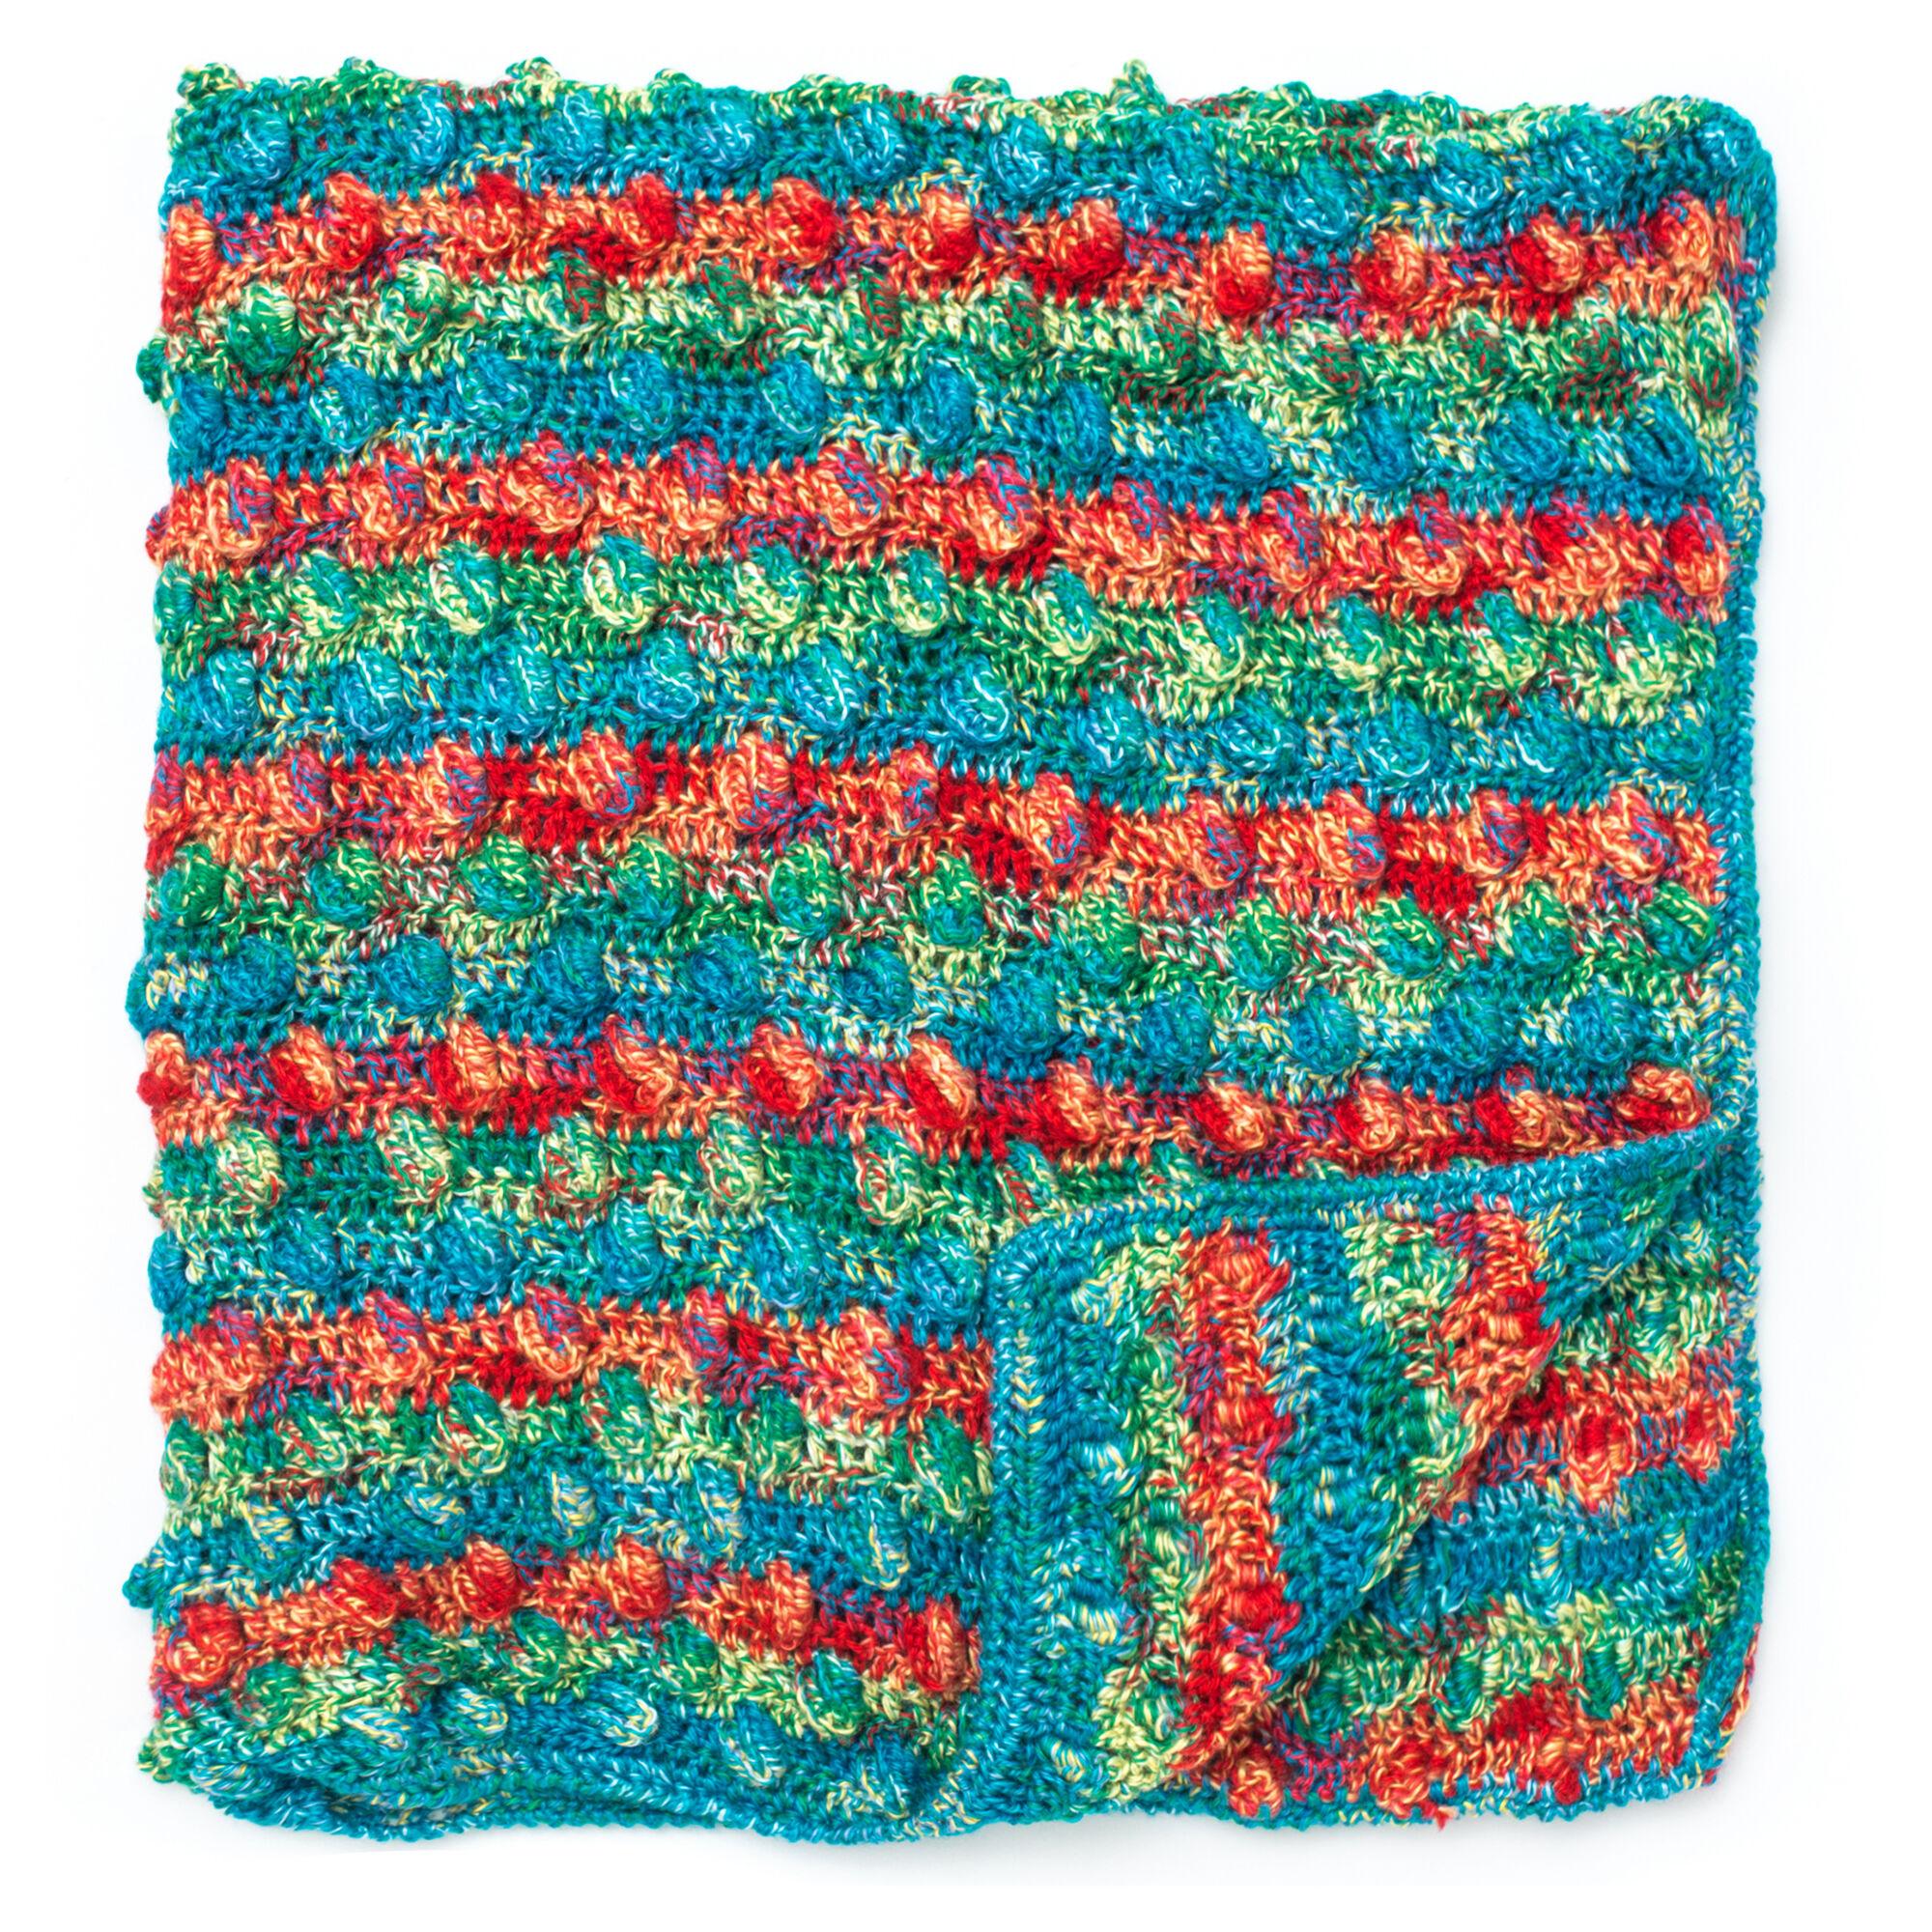 Bernat Color Pops Blanket | Yarnspirations